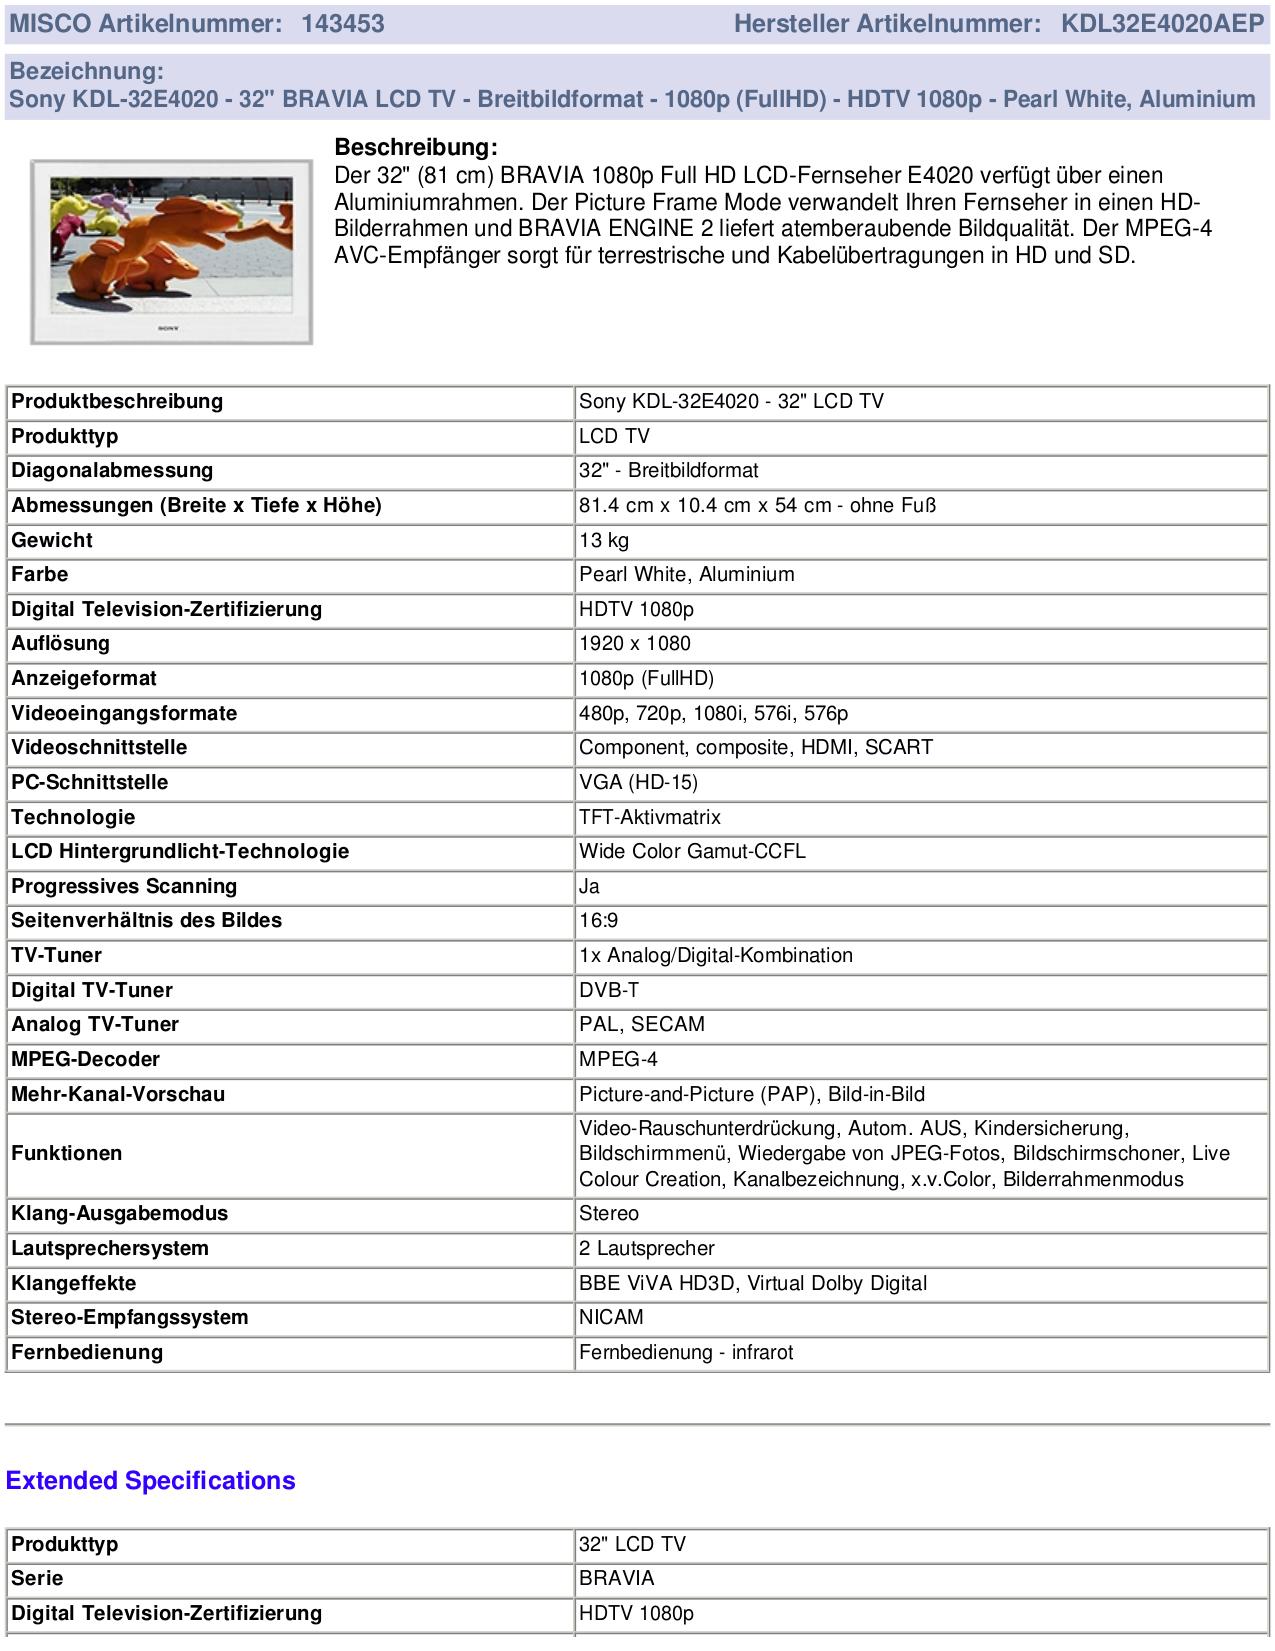 PDF manual for Sony TV BRAVIA KDL-32E4020